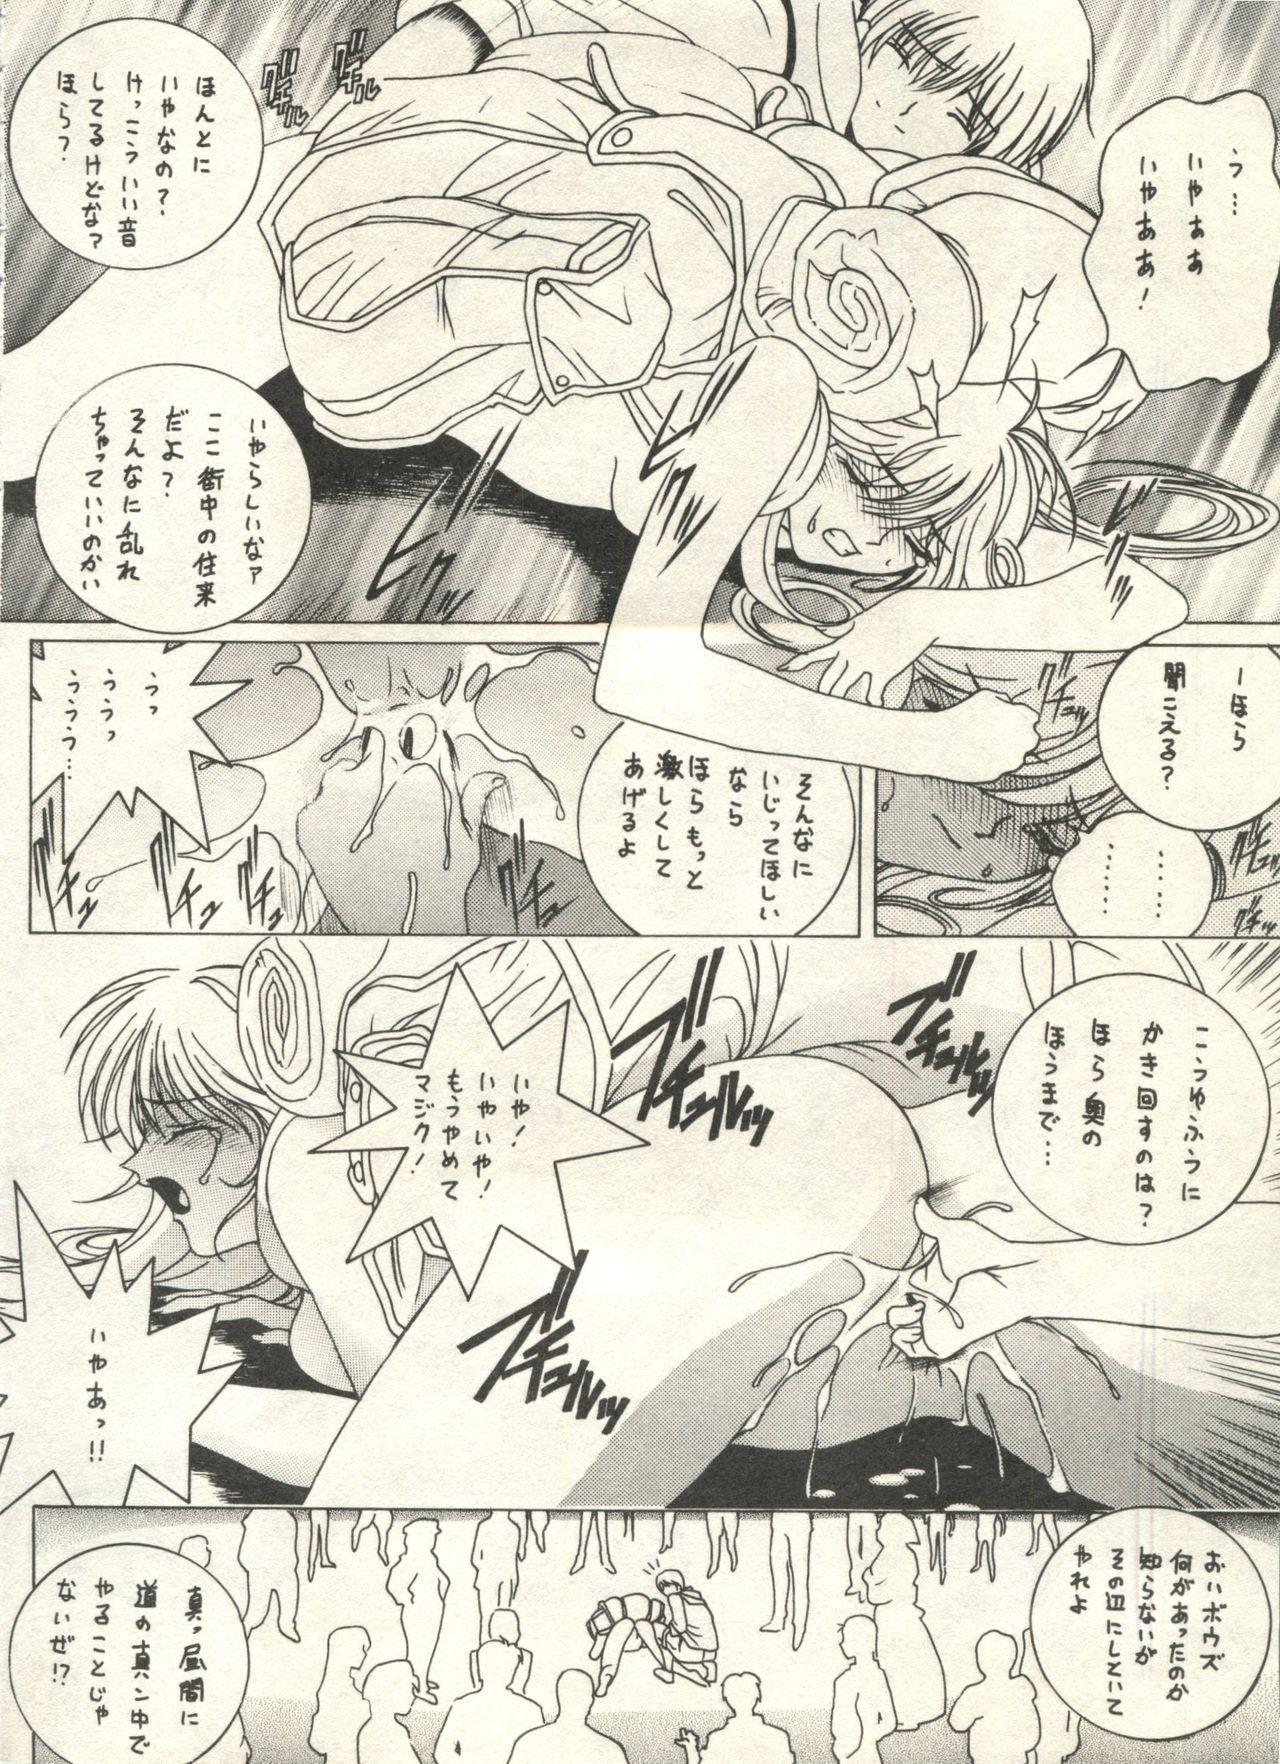 Bishoujo Shoukougun 2000 Manga-Anime Hen 185